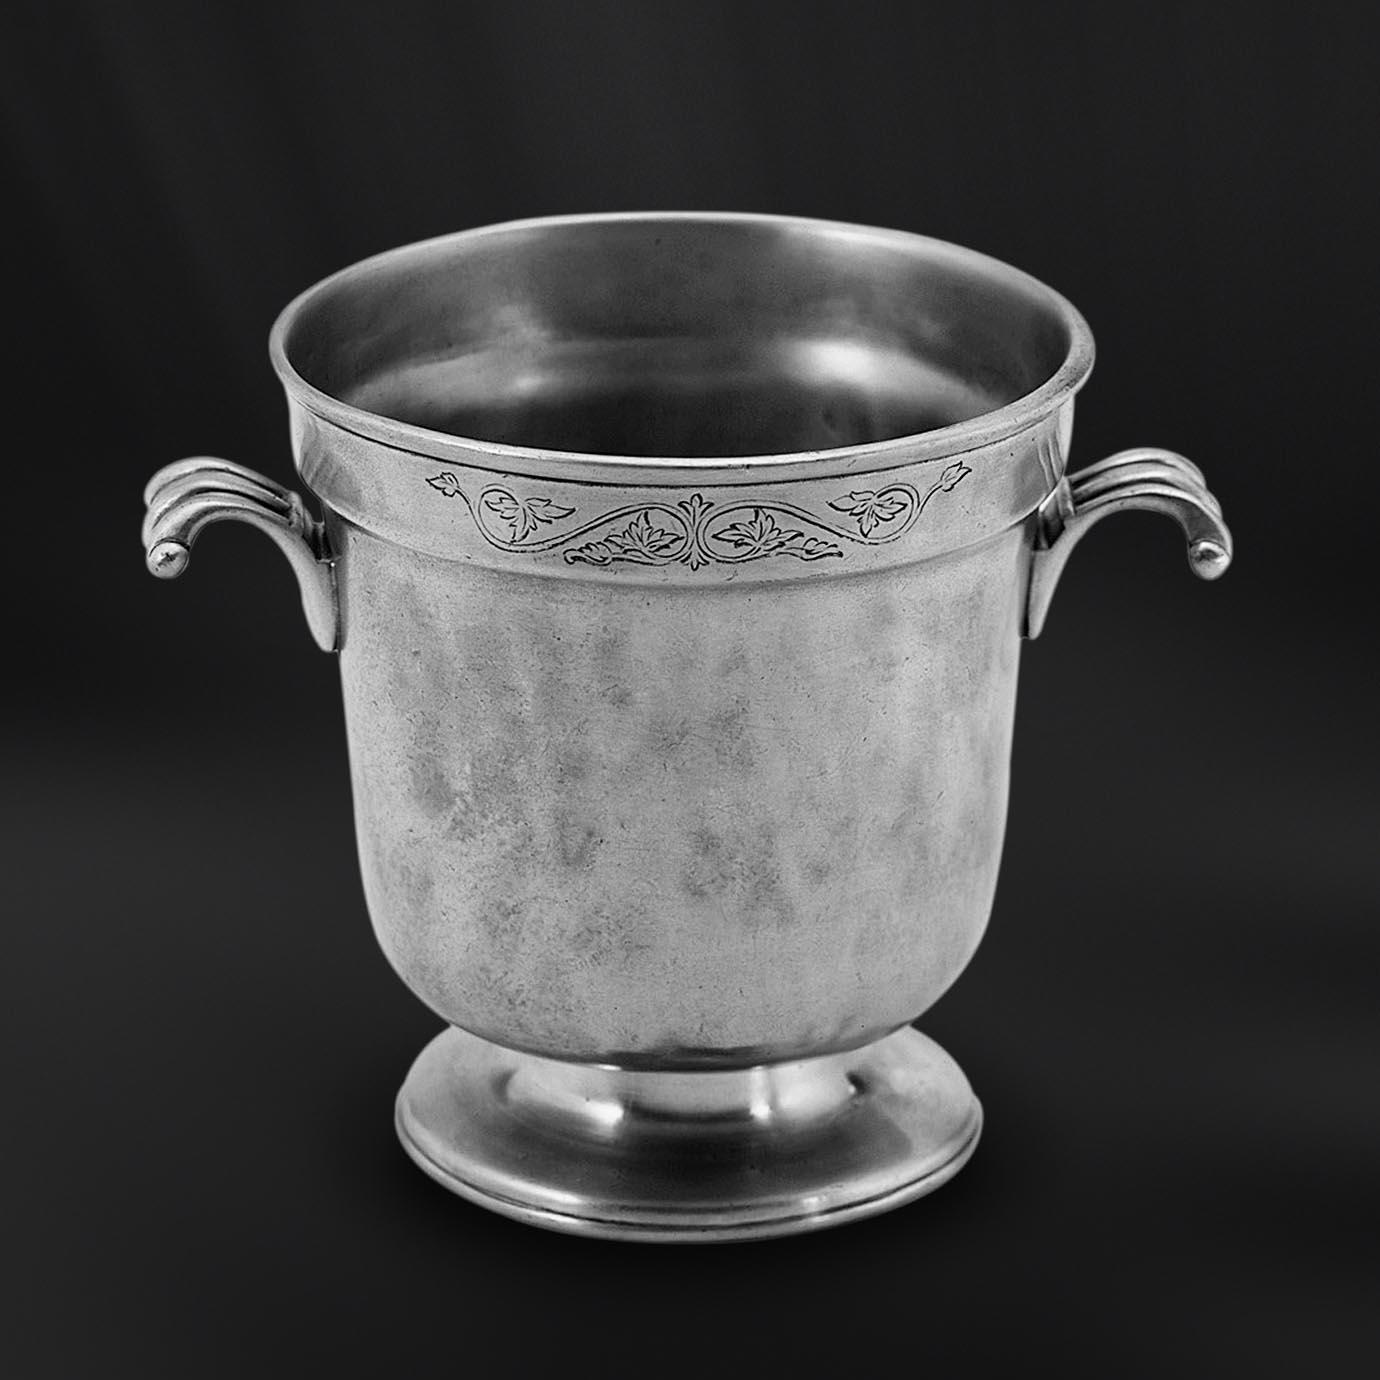 SEAU GLACE etain antique